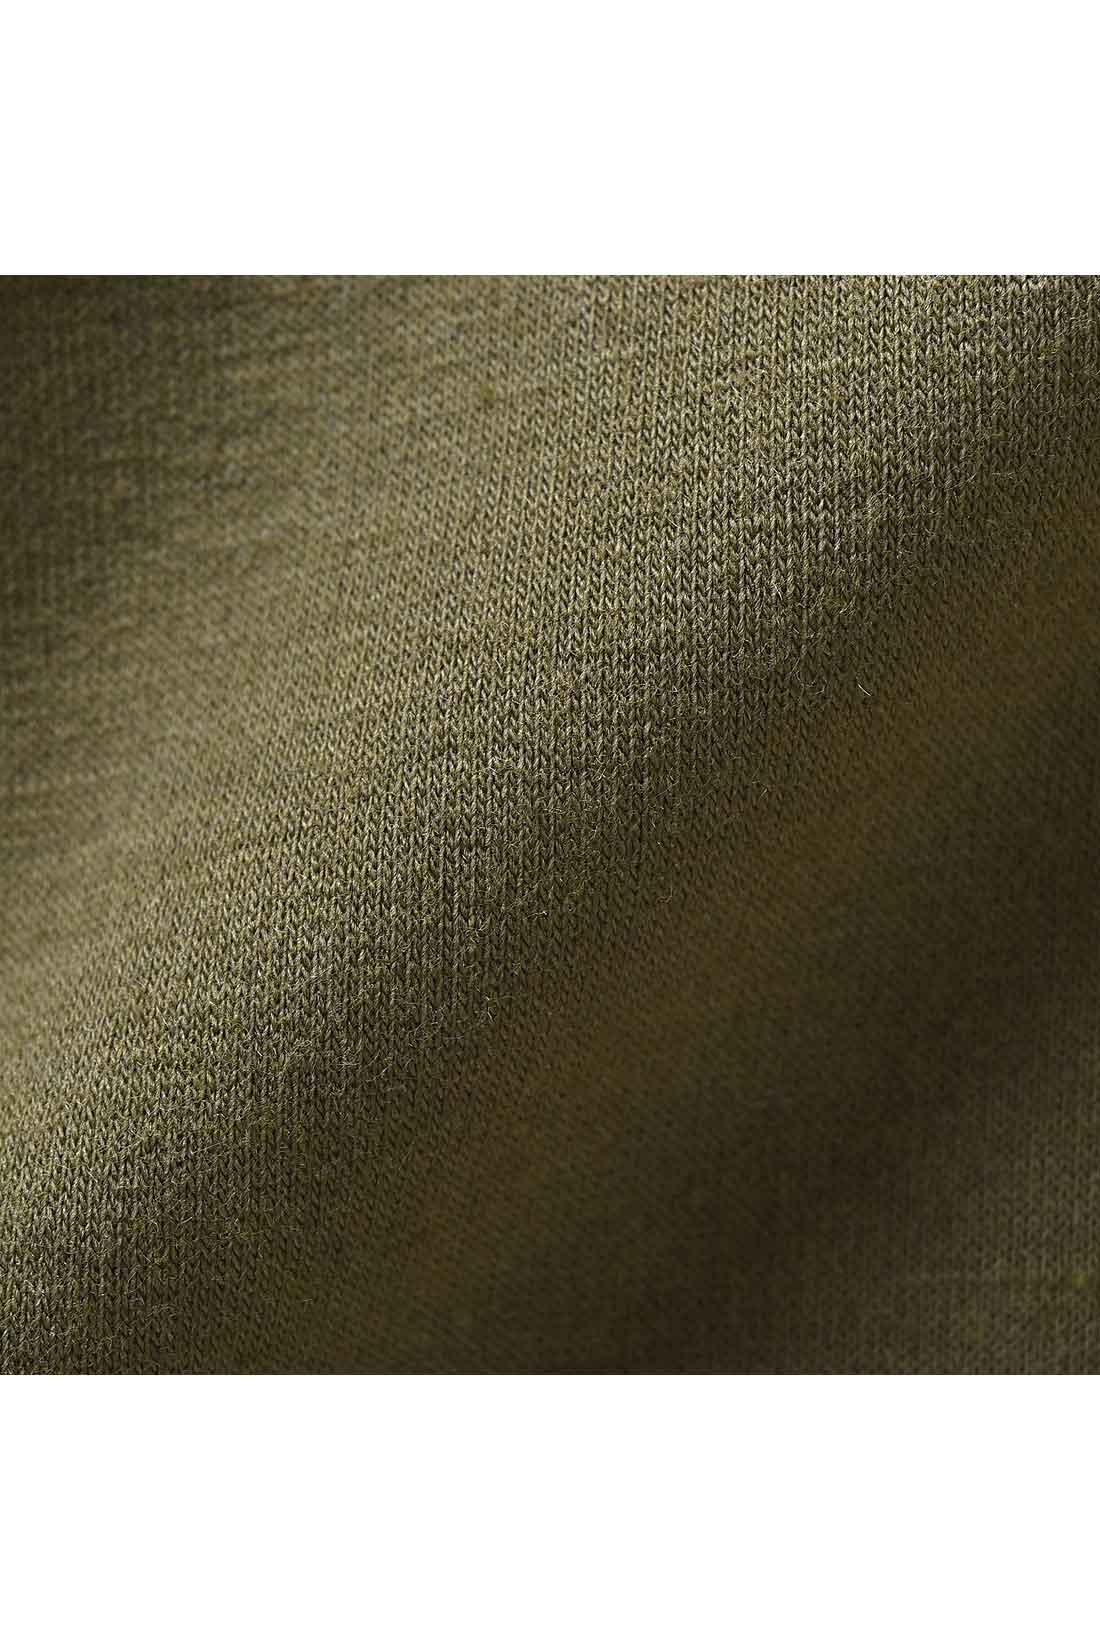 動きやすいミニ裏毛のスウェット素材。